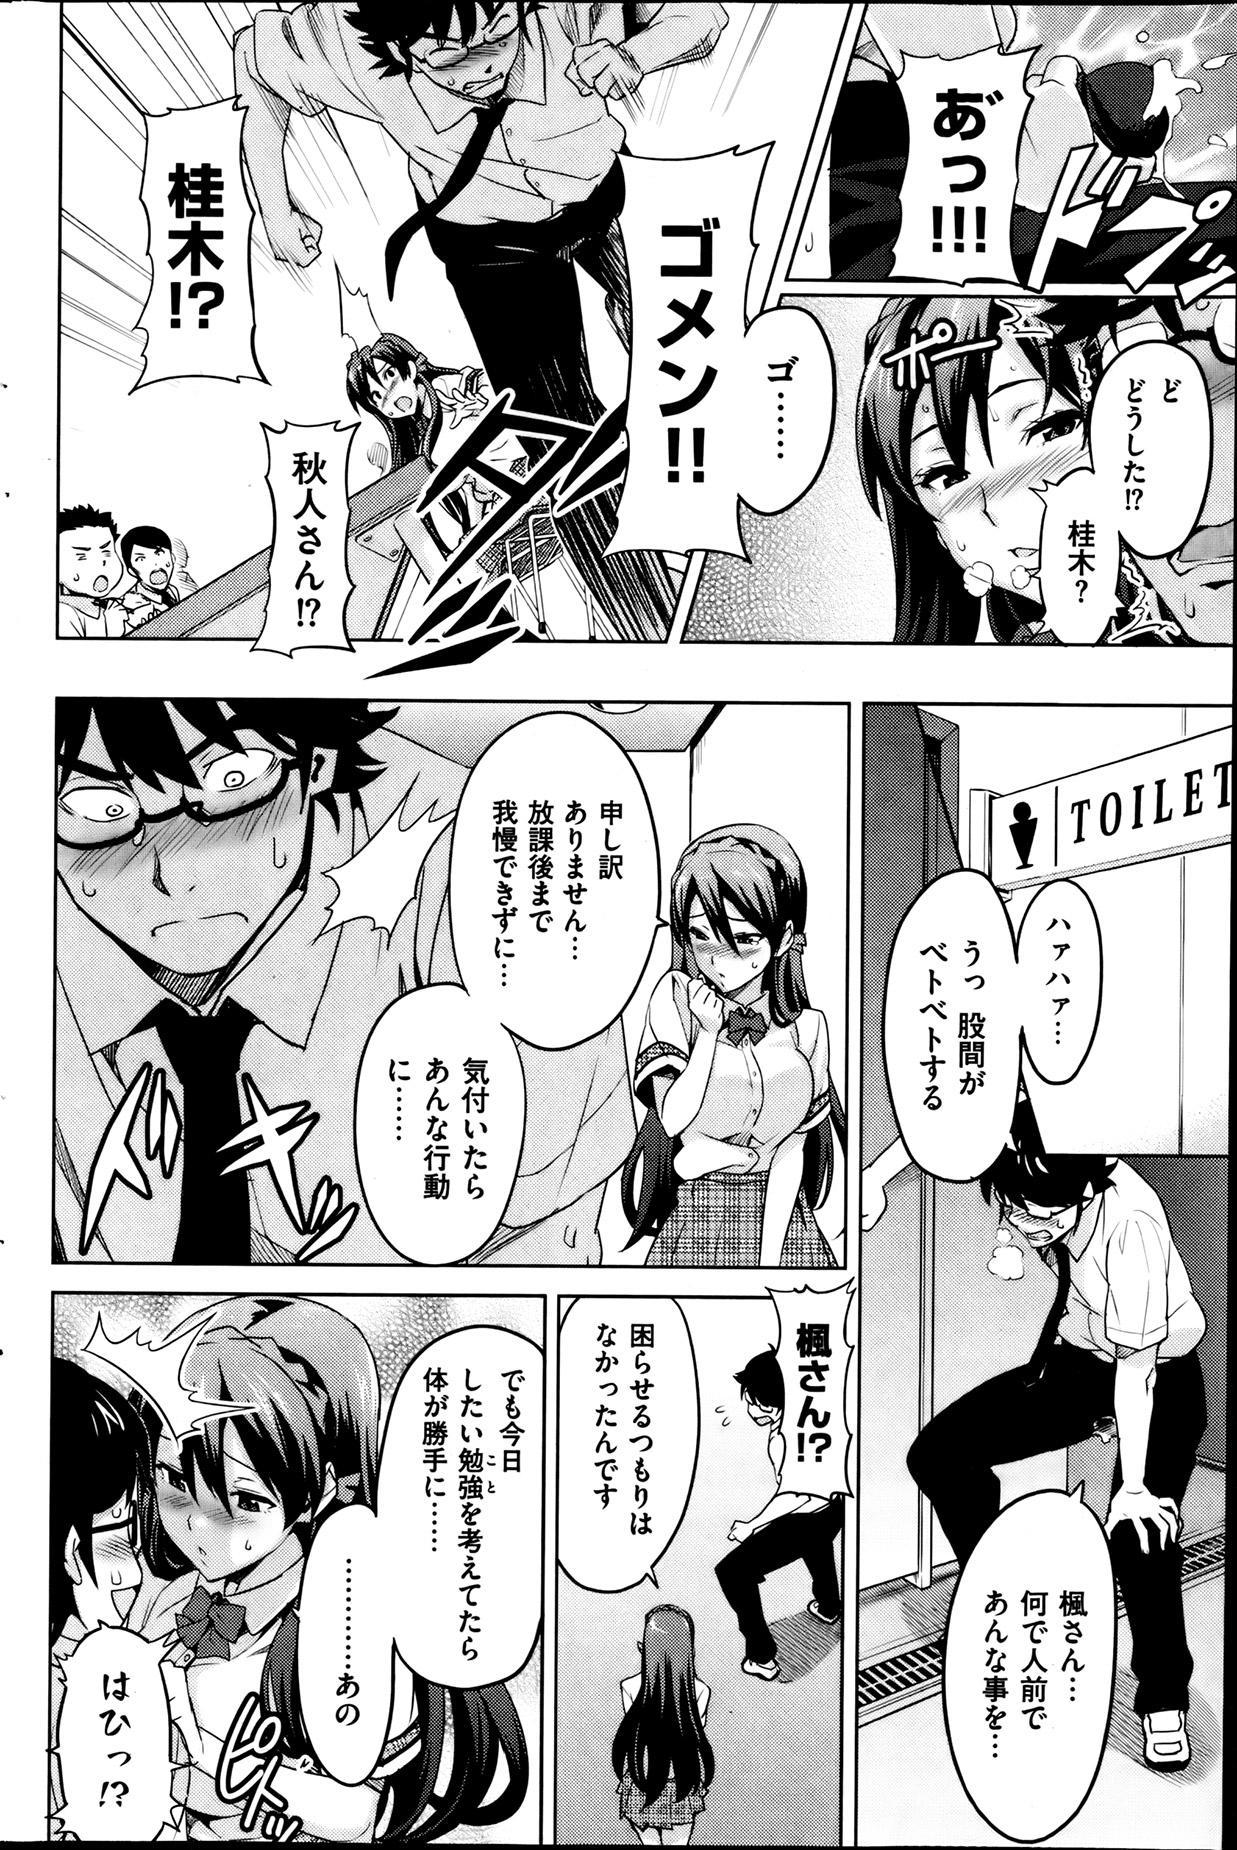 COMIC HANA-MAN 2013-08 Takeda Hiromitsu Tokushuu 175